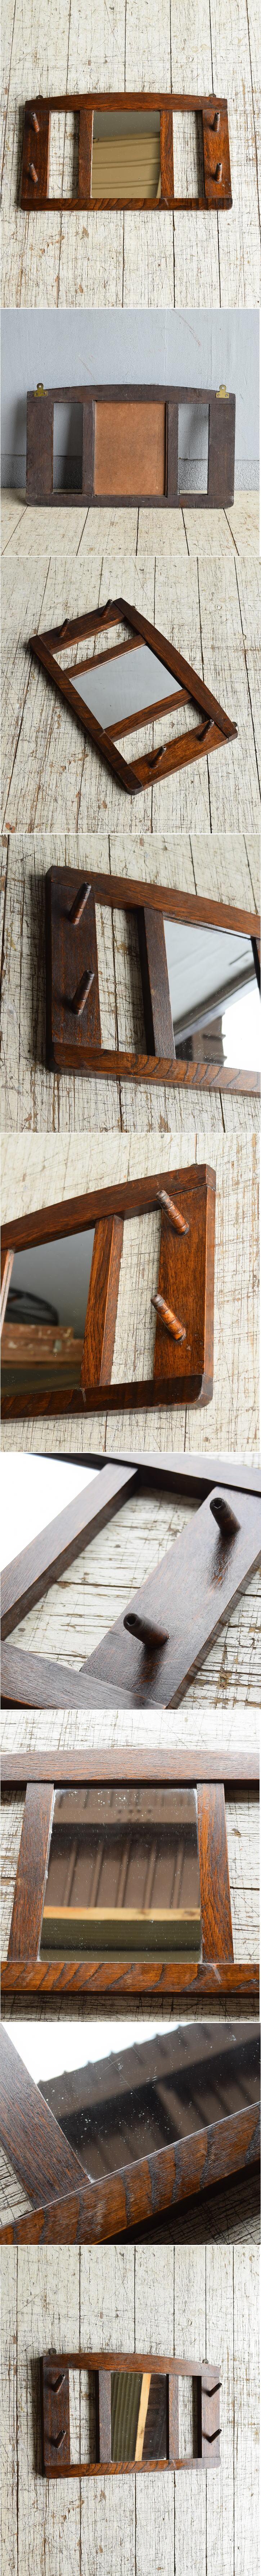 イギリス アンティーク 壁掛けフック&ミラー 鏡  8694